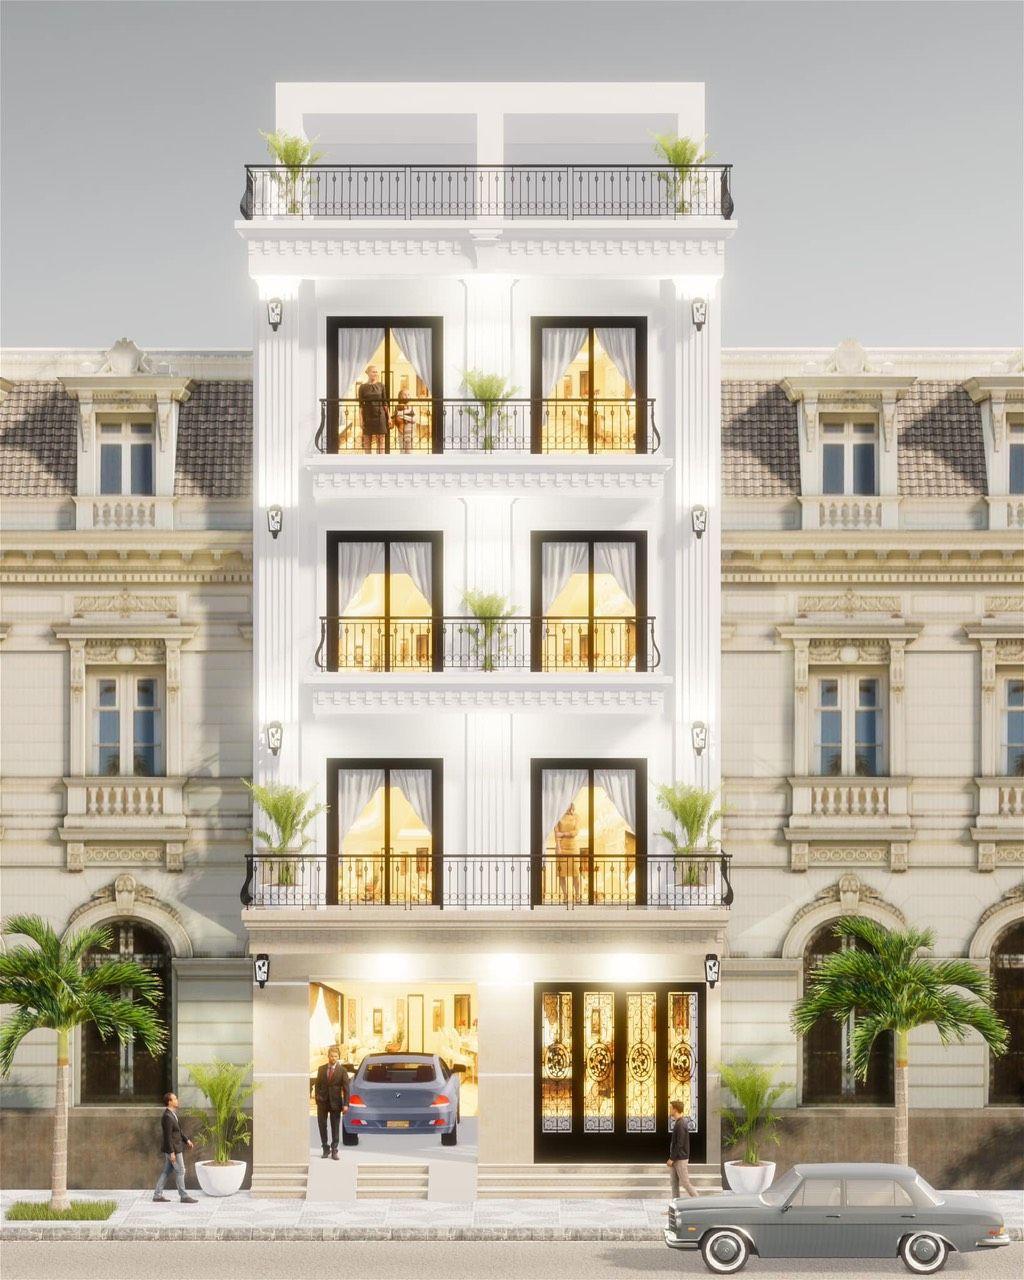 Thiết kế khách sạn 5 tầng ( Nguồn ảnh: Internet )